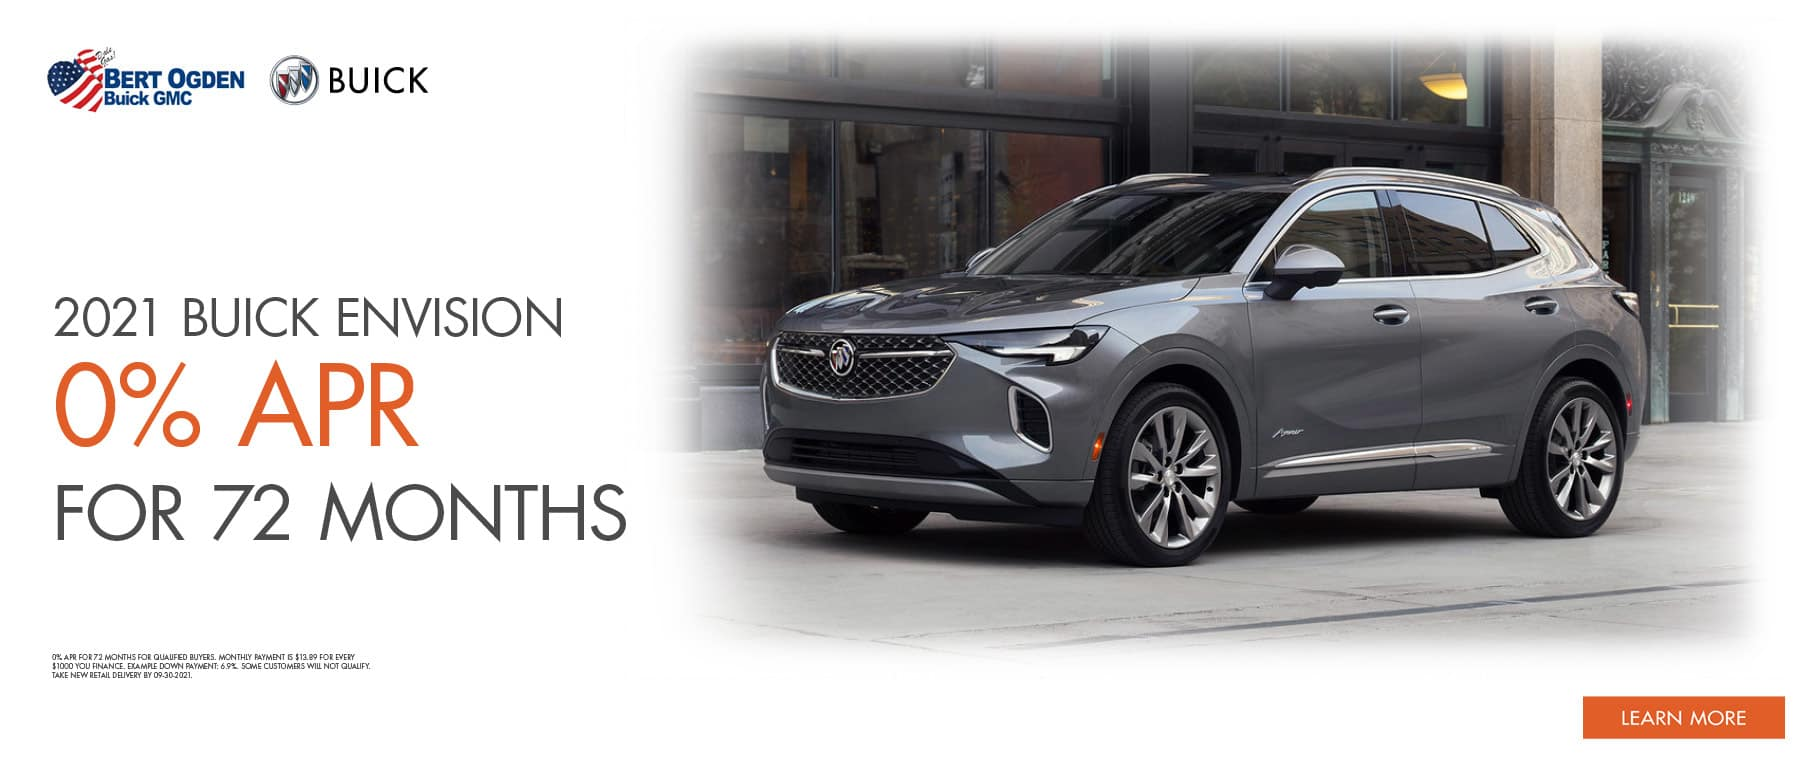 2021 Buick Envision Offer | Bert Ogden Buick GMC in Edinburg, Texas